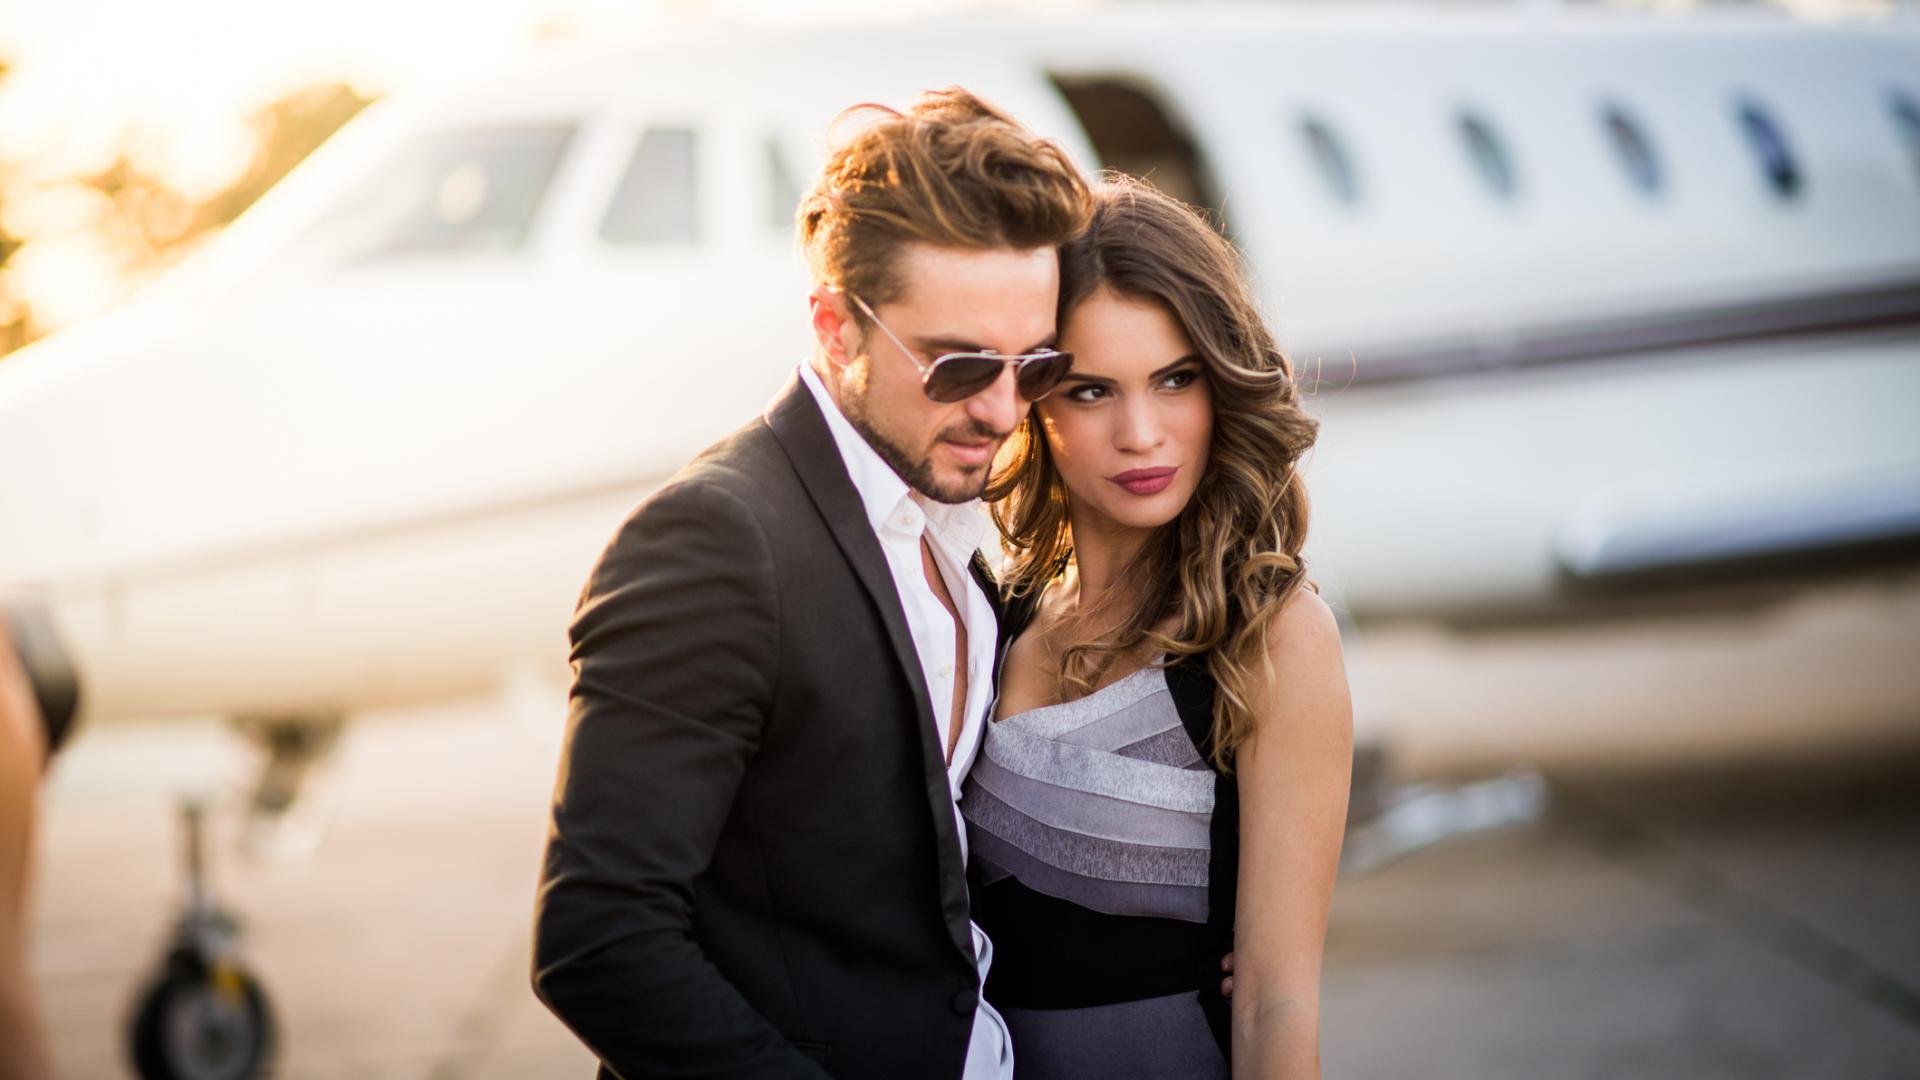 Hochzeitsgäste Paar Reoich Helikopter Flugzeug Star Prominent